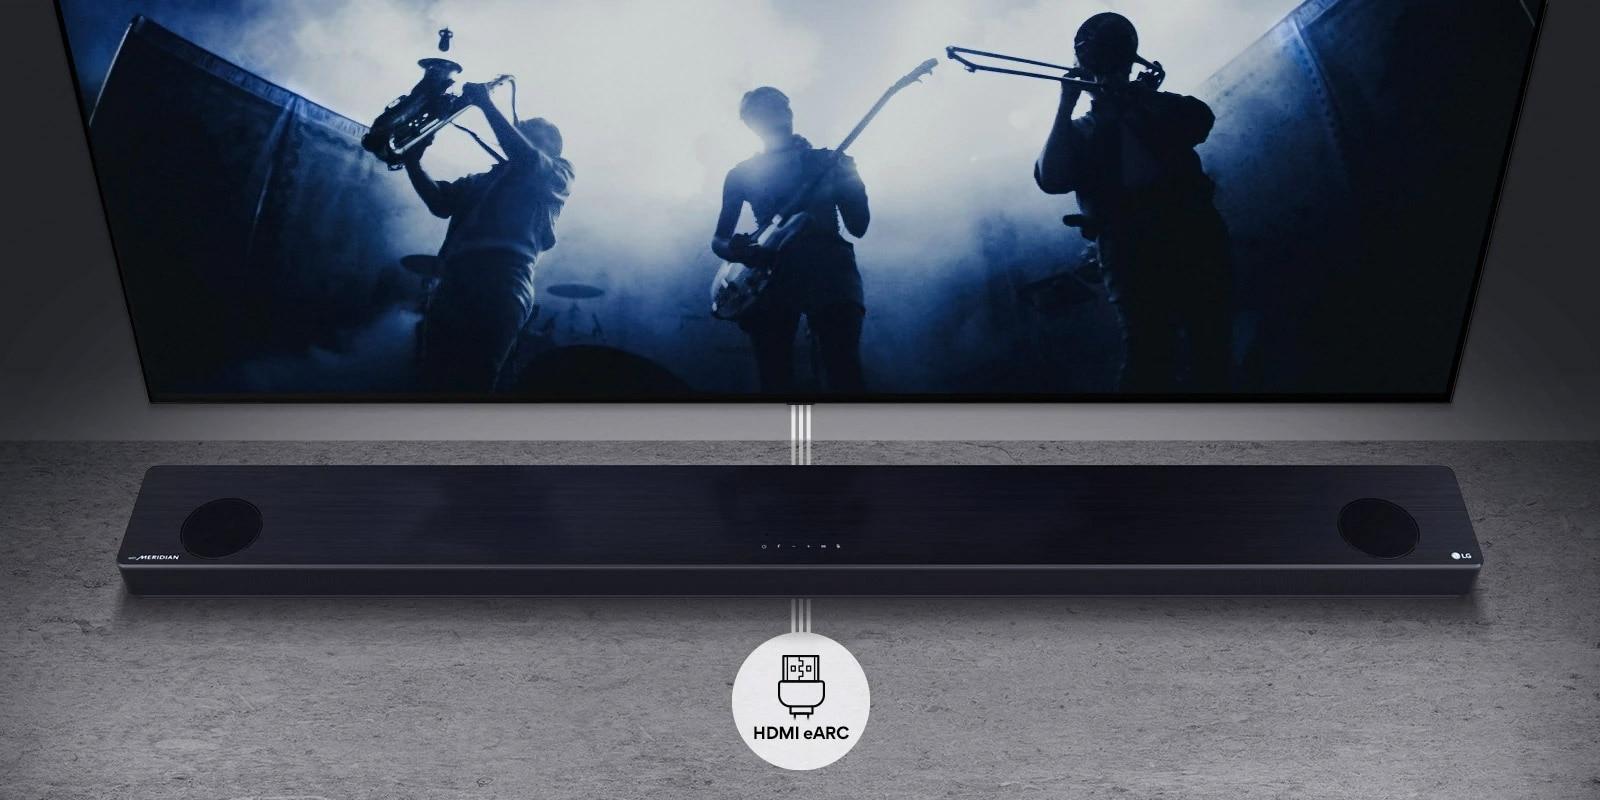 TV treo trên tường. TV thể hiện bóng màu đen của ban nhạc. LG Soundbar nằm ngay bên dưới TV trên kệ màu xám. Biểu tượng HDMI eARC bên dưới loa soundbar.